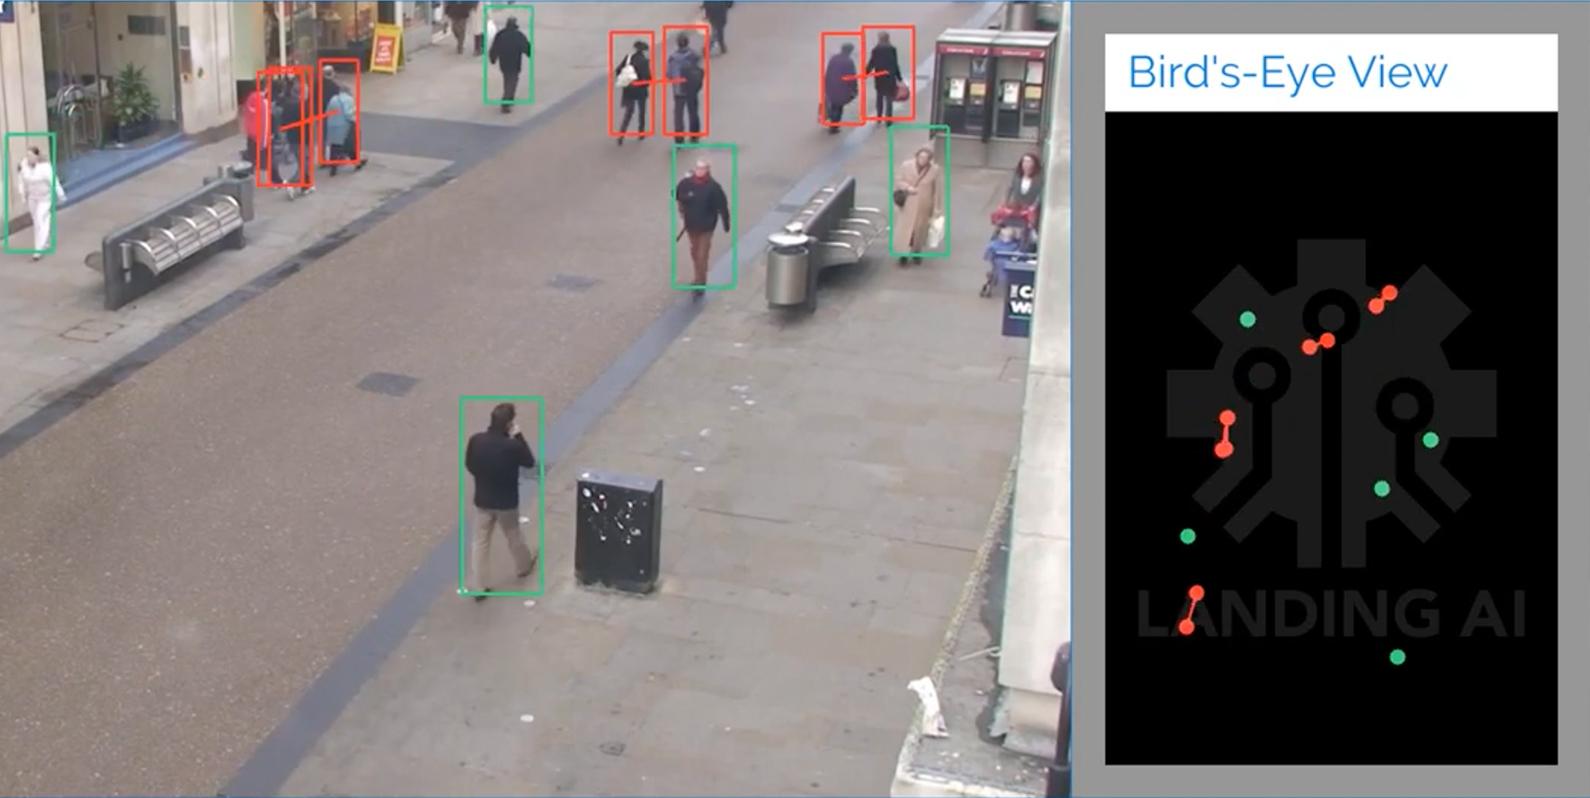 Machine Learning pode conferir se você está praticando o distanciamento social apropriado no trabalho